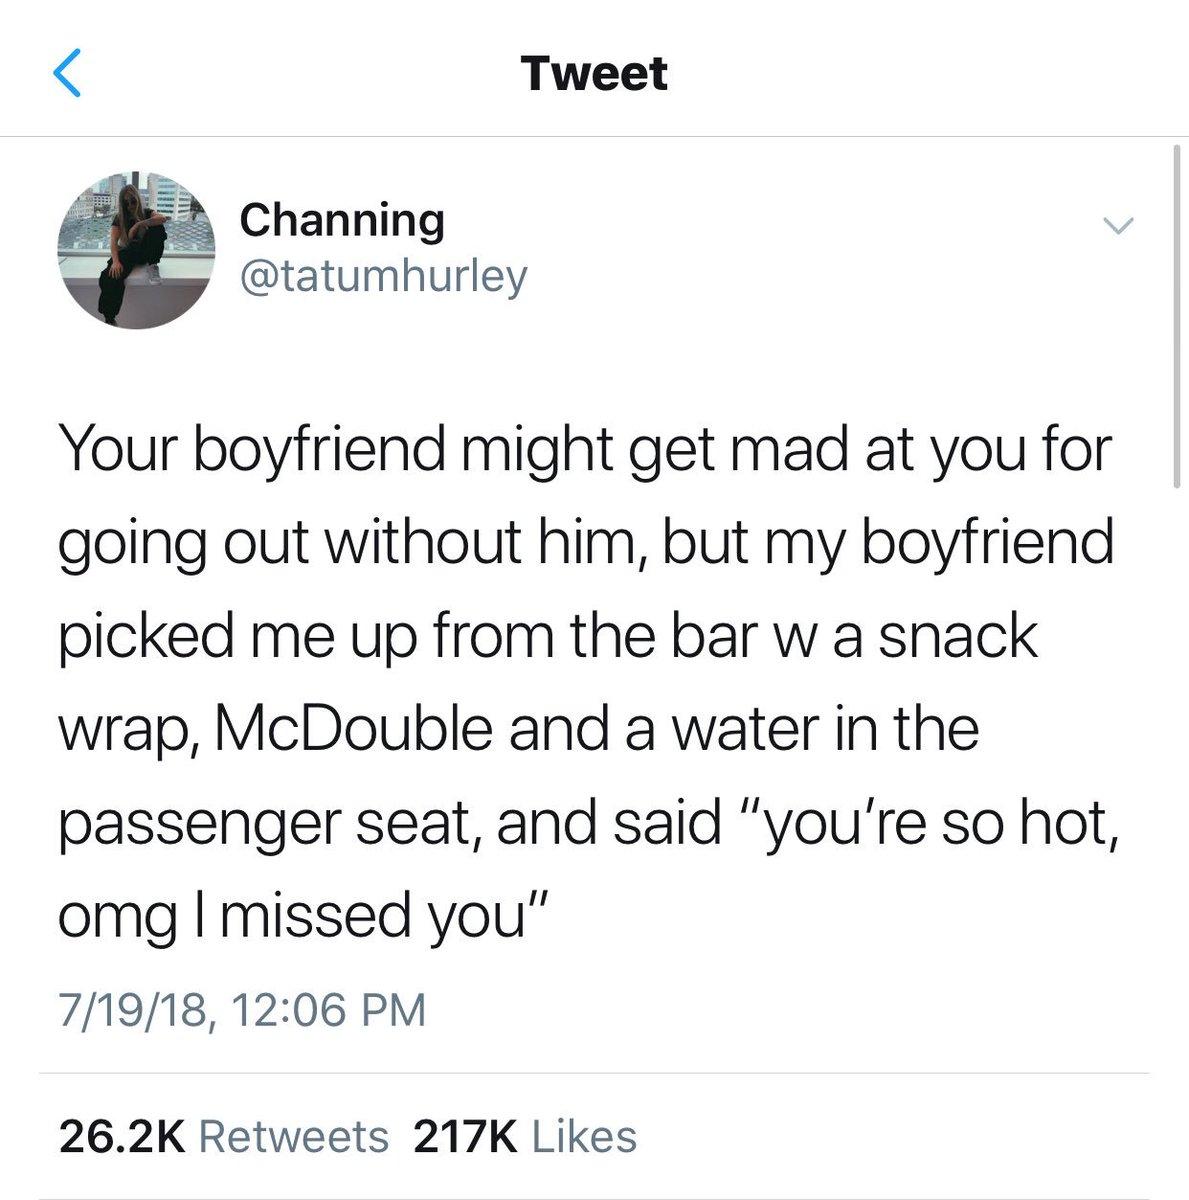 Get a girlfriend challenge